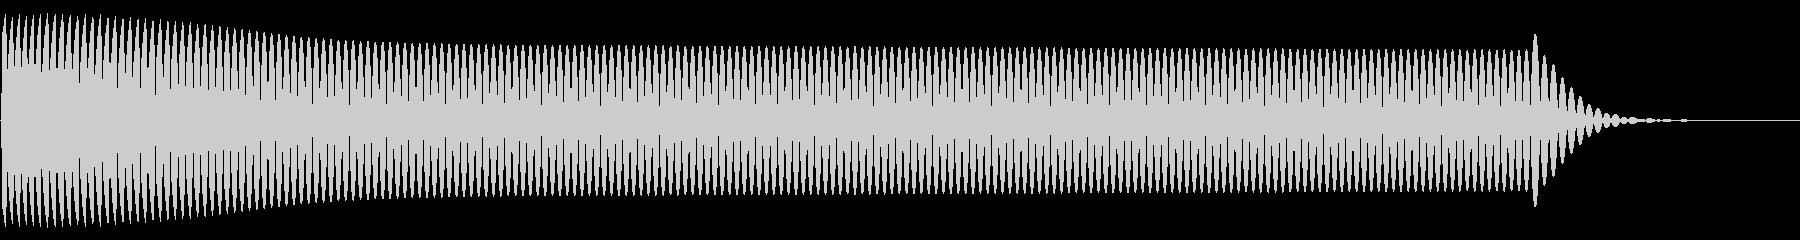 ピー(click_決定_01)の未再生の波形